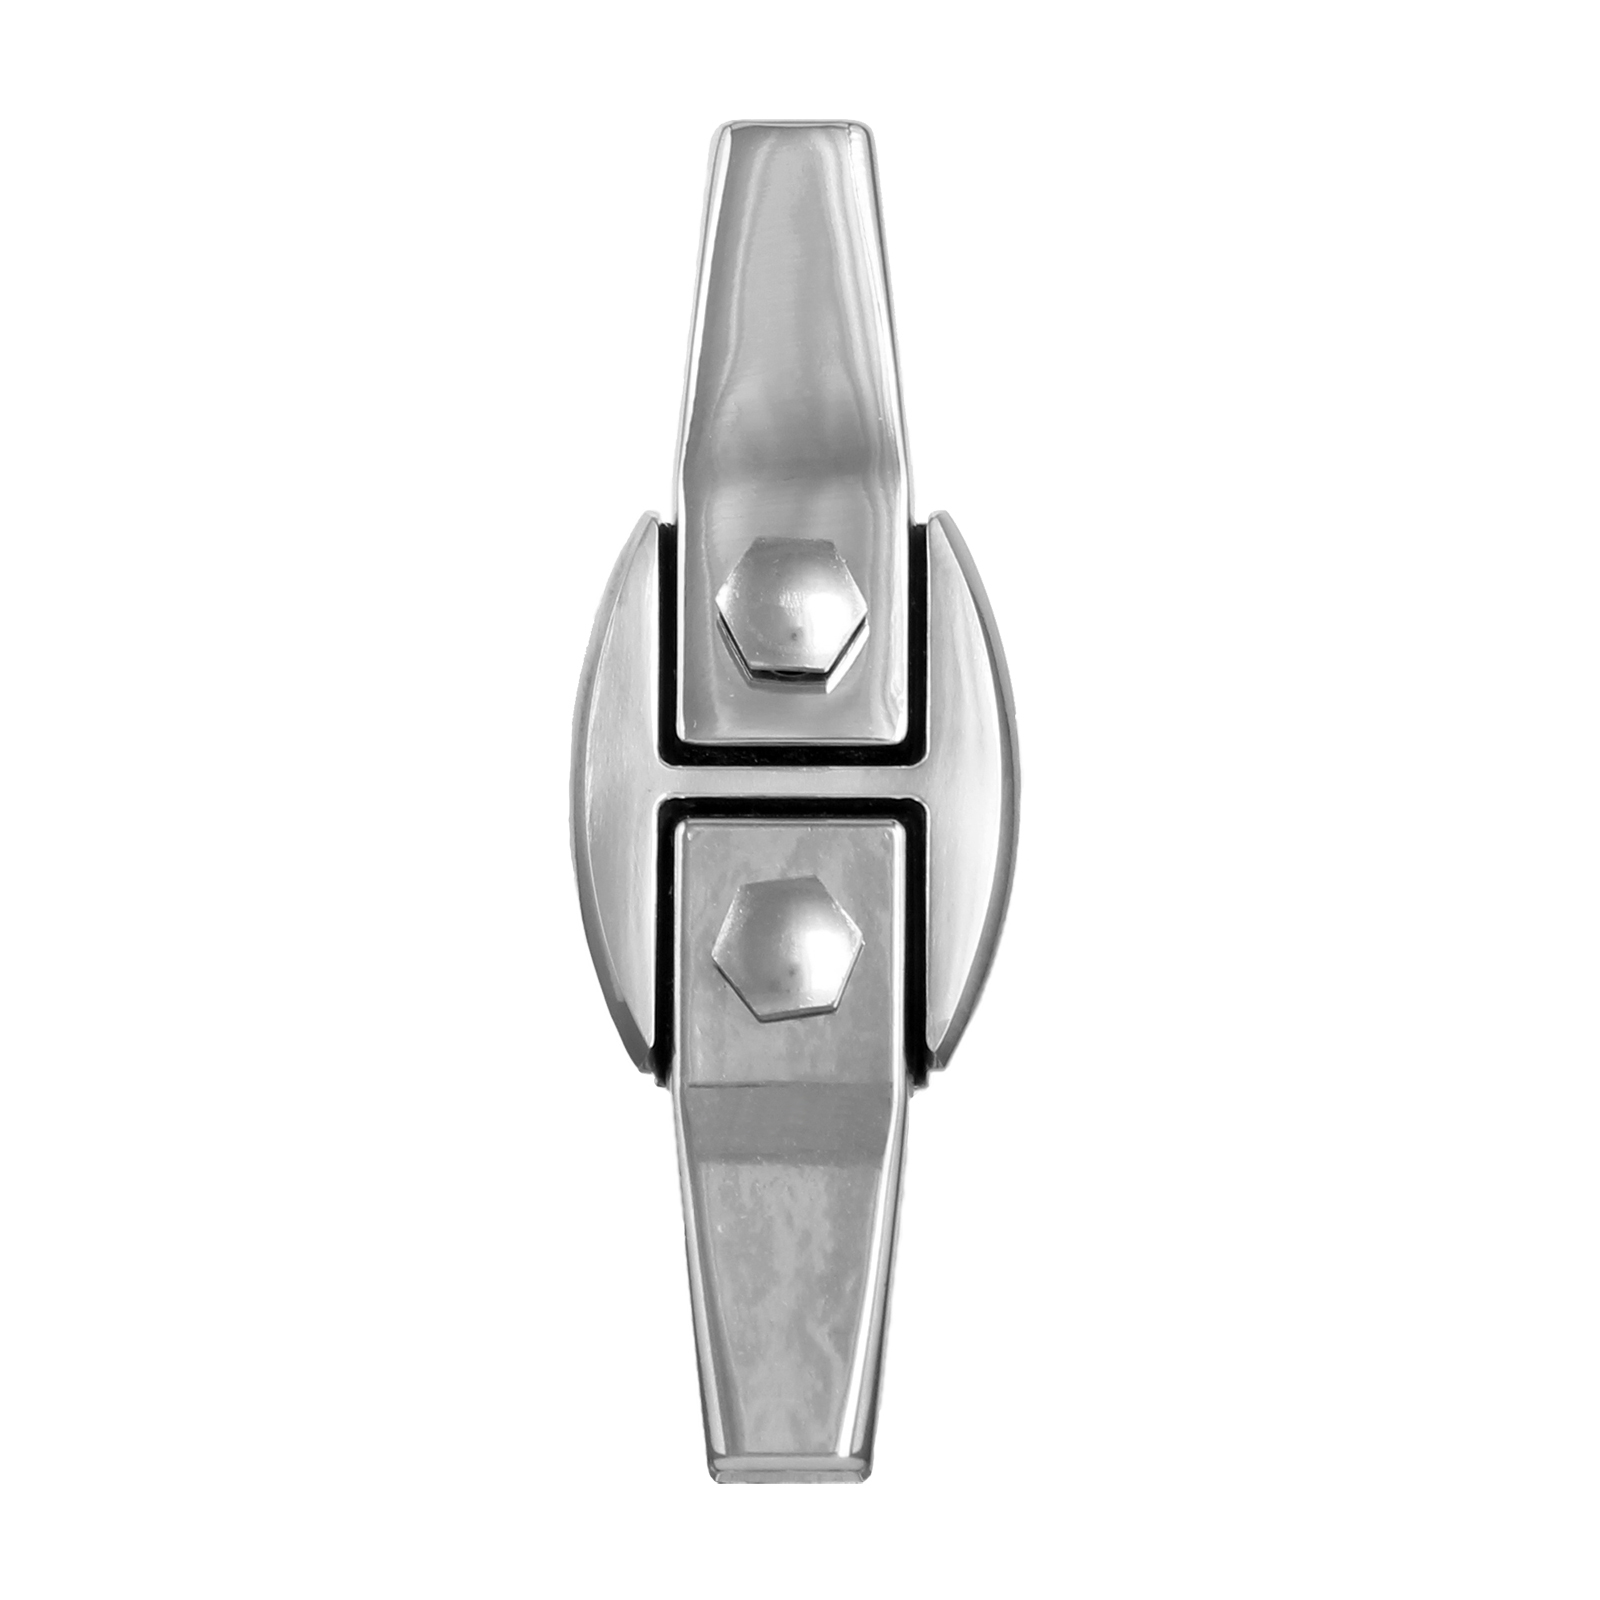 Staffa compatta in acciaio inox cm 6x14